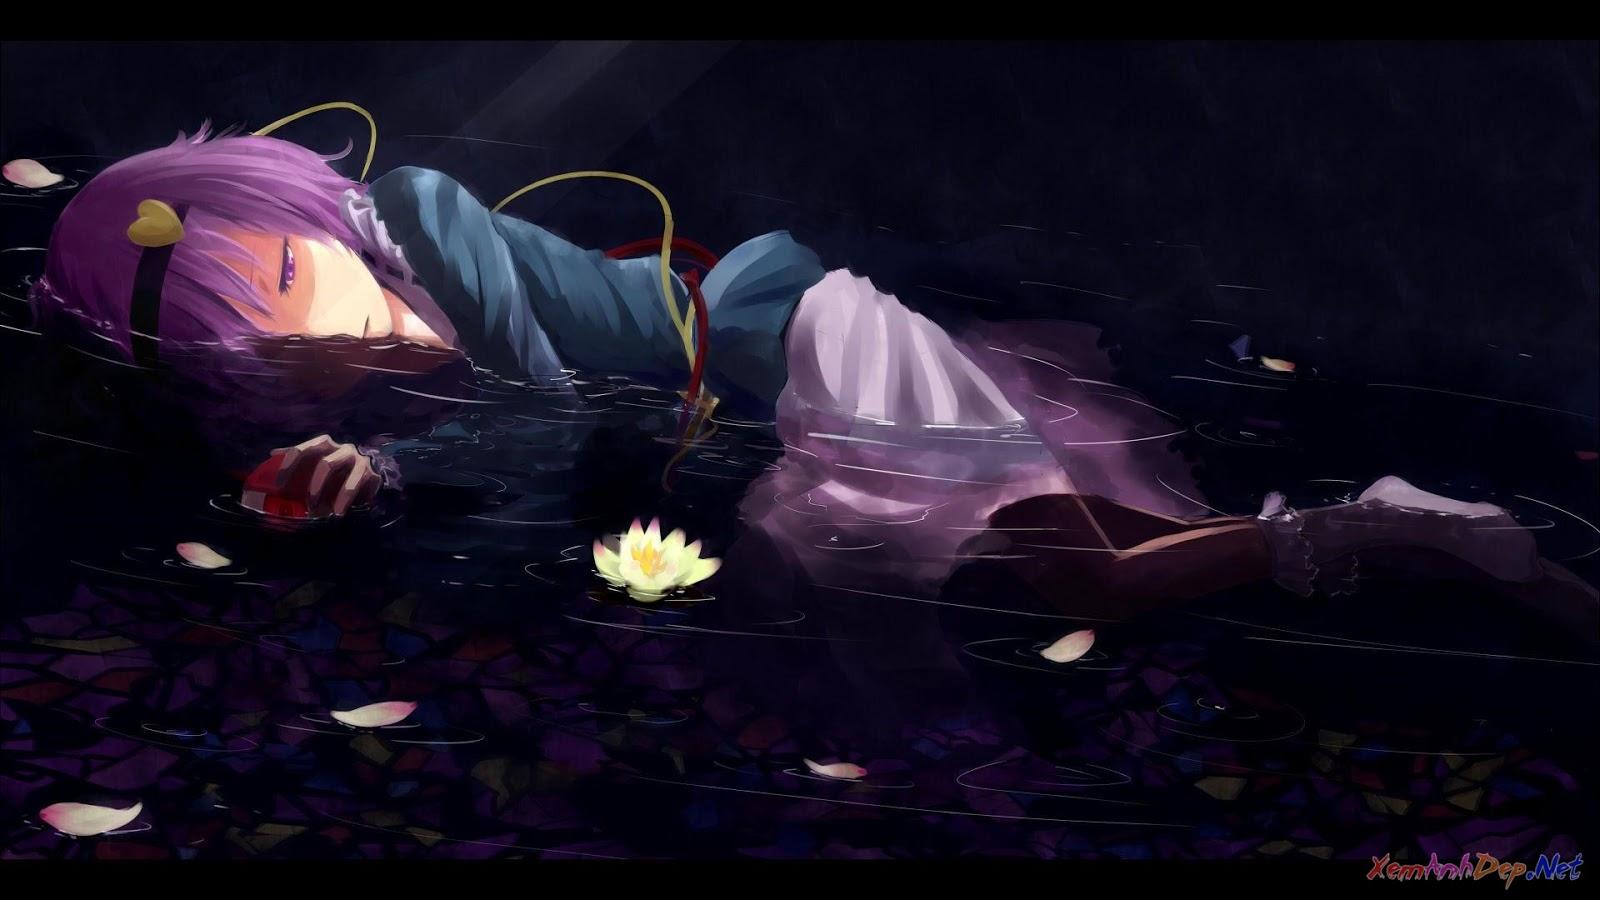 hình ảnh anime boy buồn trắng đen